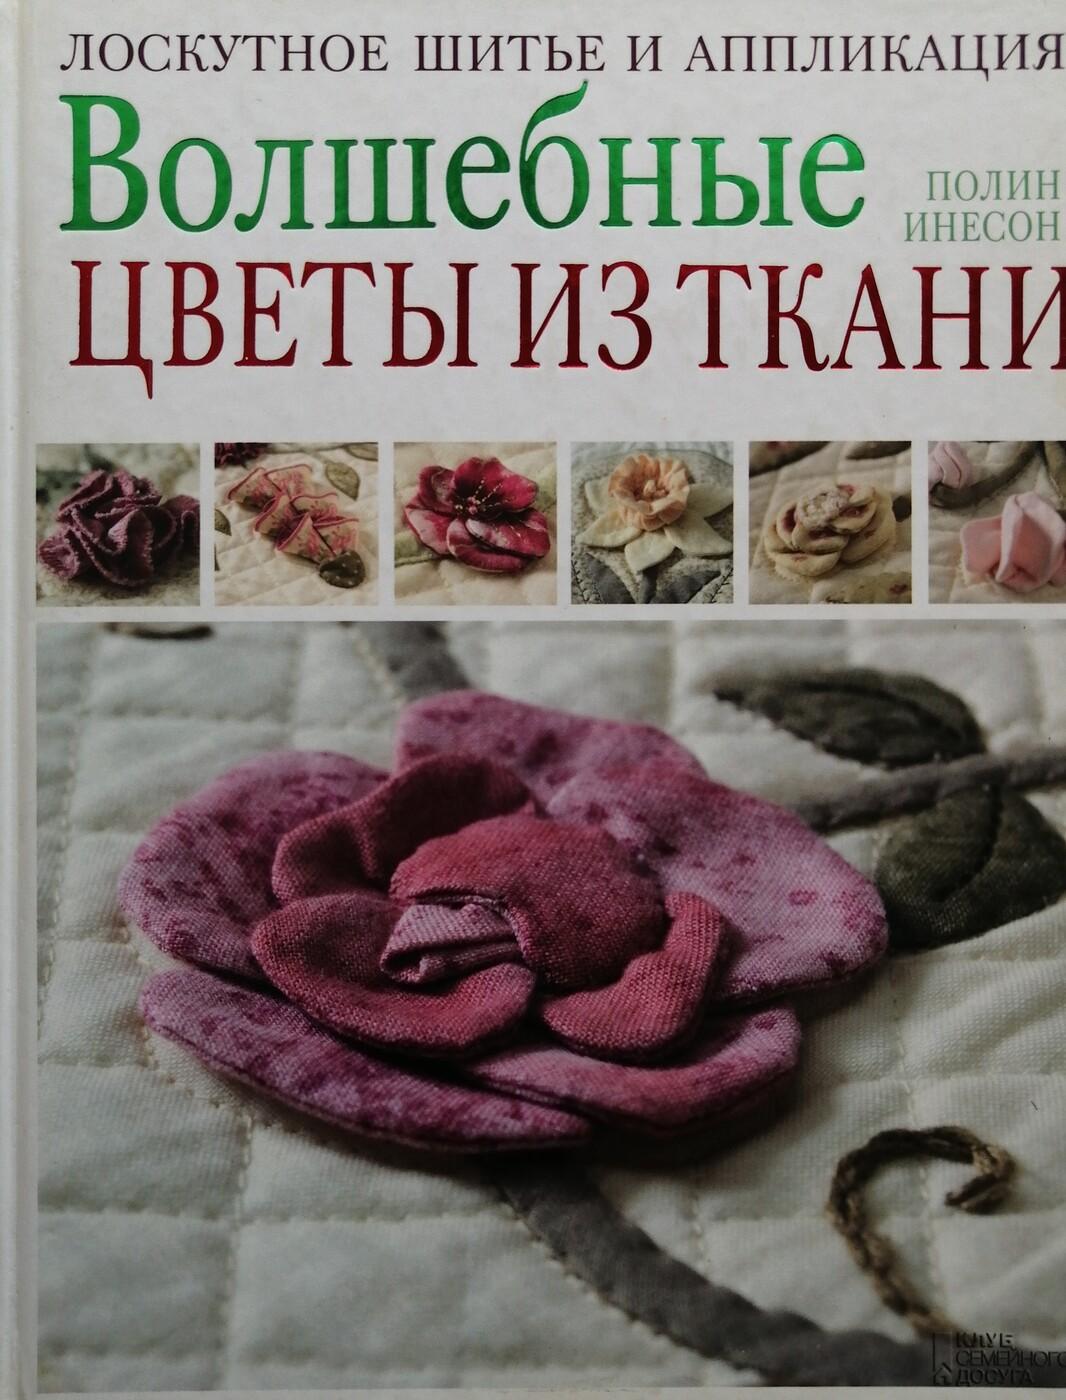 Полин Инесон. Волшебные цветы из ткани. Лоскутное шитье и аппликация